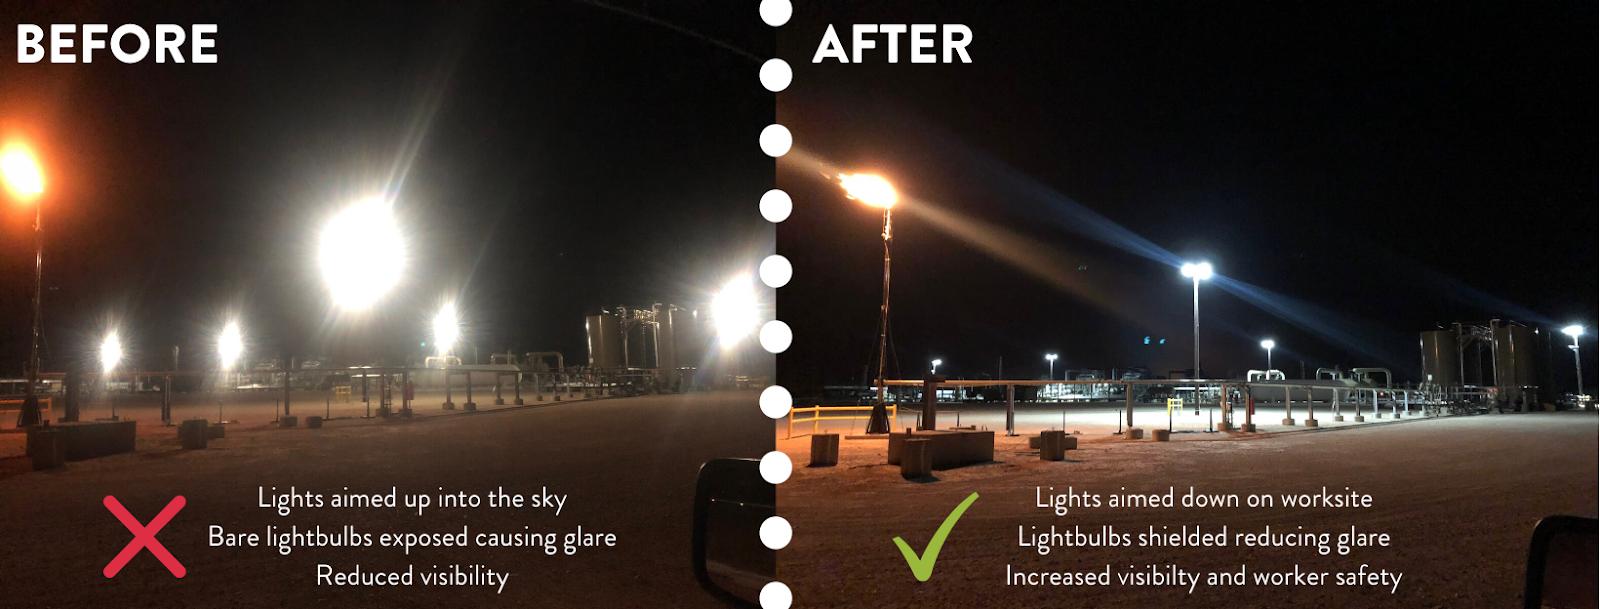 WPX Energy Dark Skies Lighting